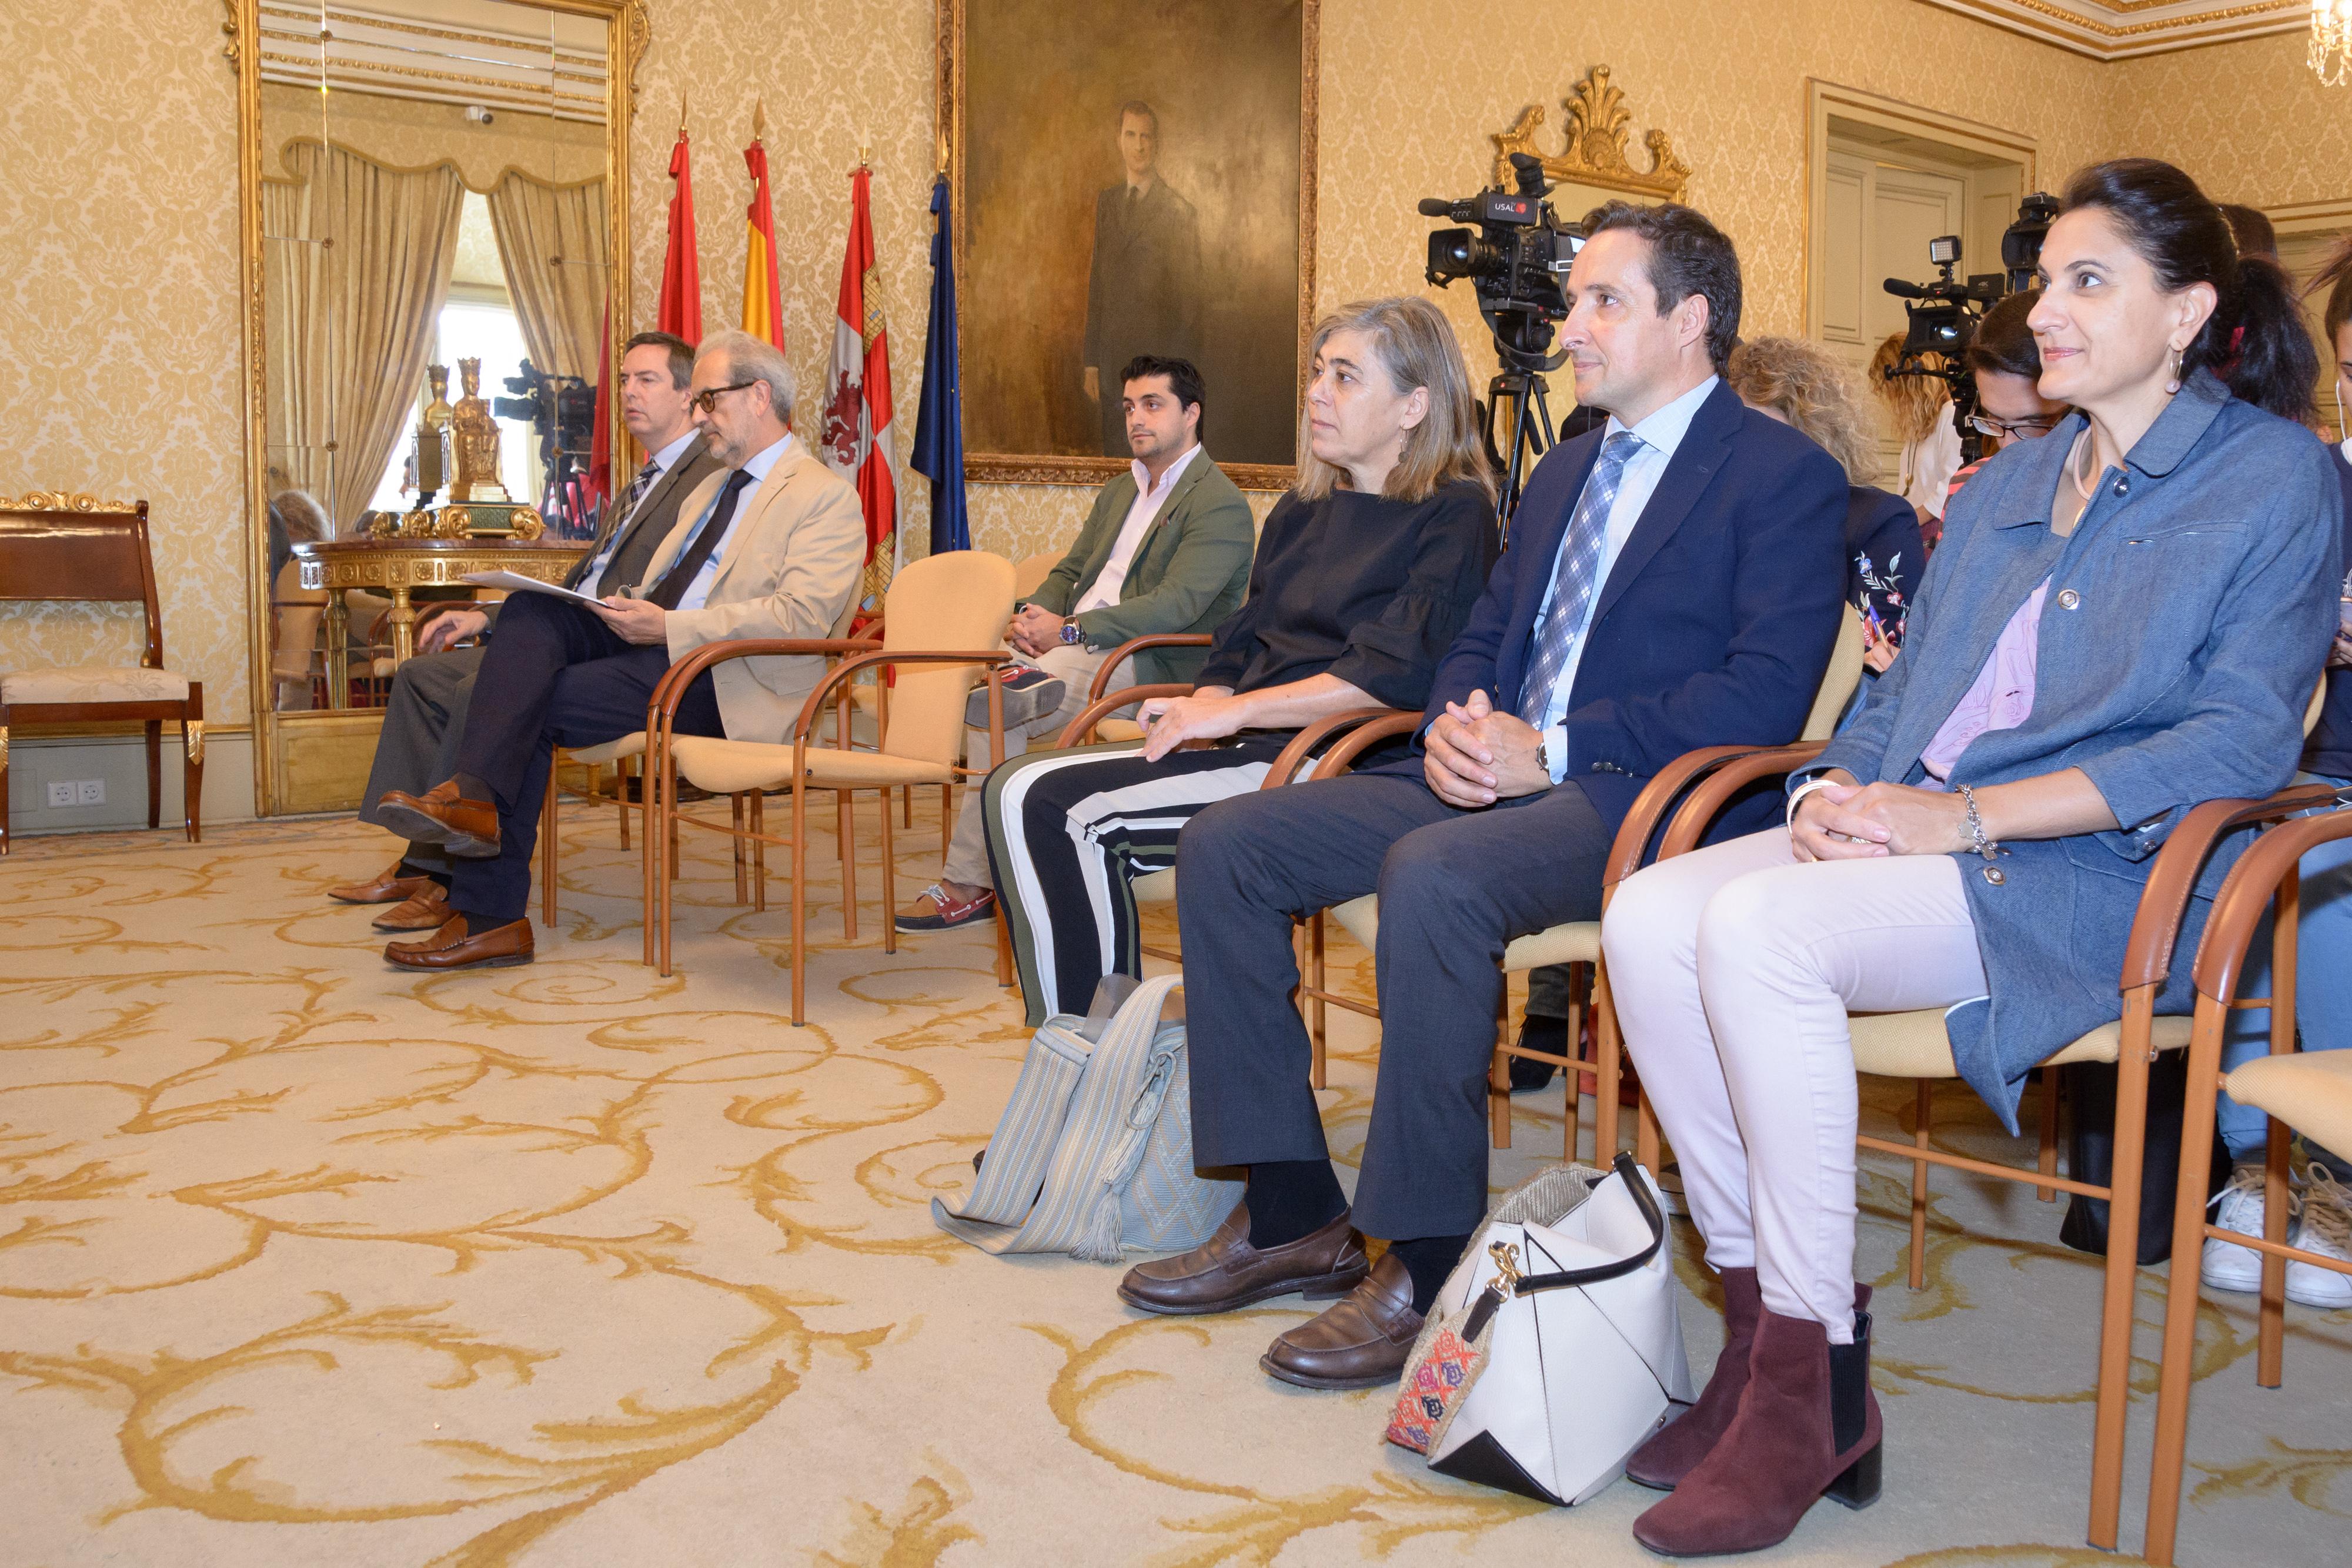 La Universidad de Salamanca y el Ayuntamiento pondrán en marcha un programa único en España para facilitar el primer contrato laboral a los estudiantes